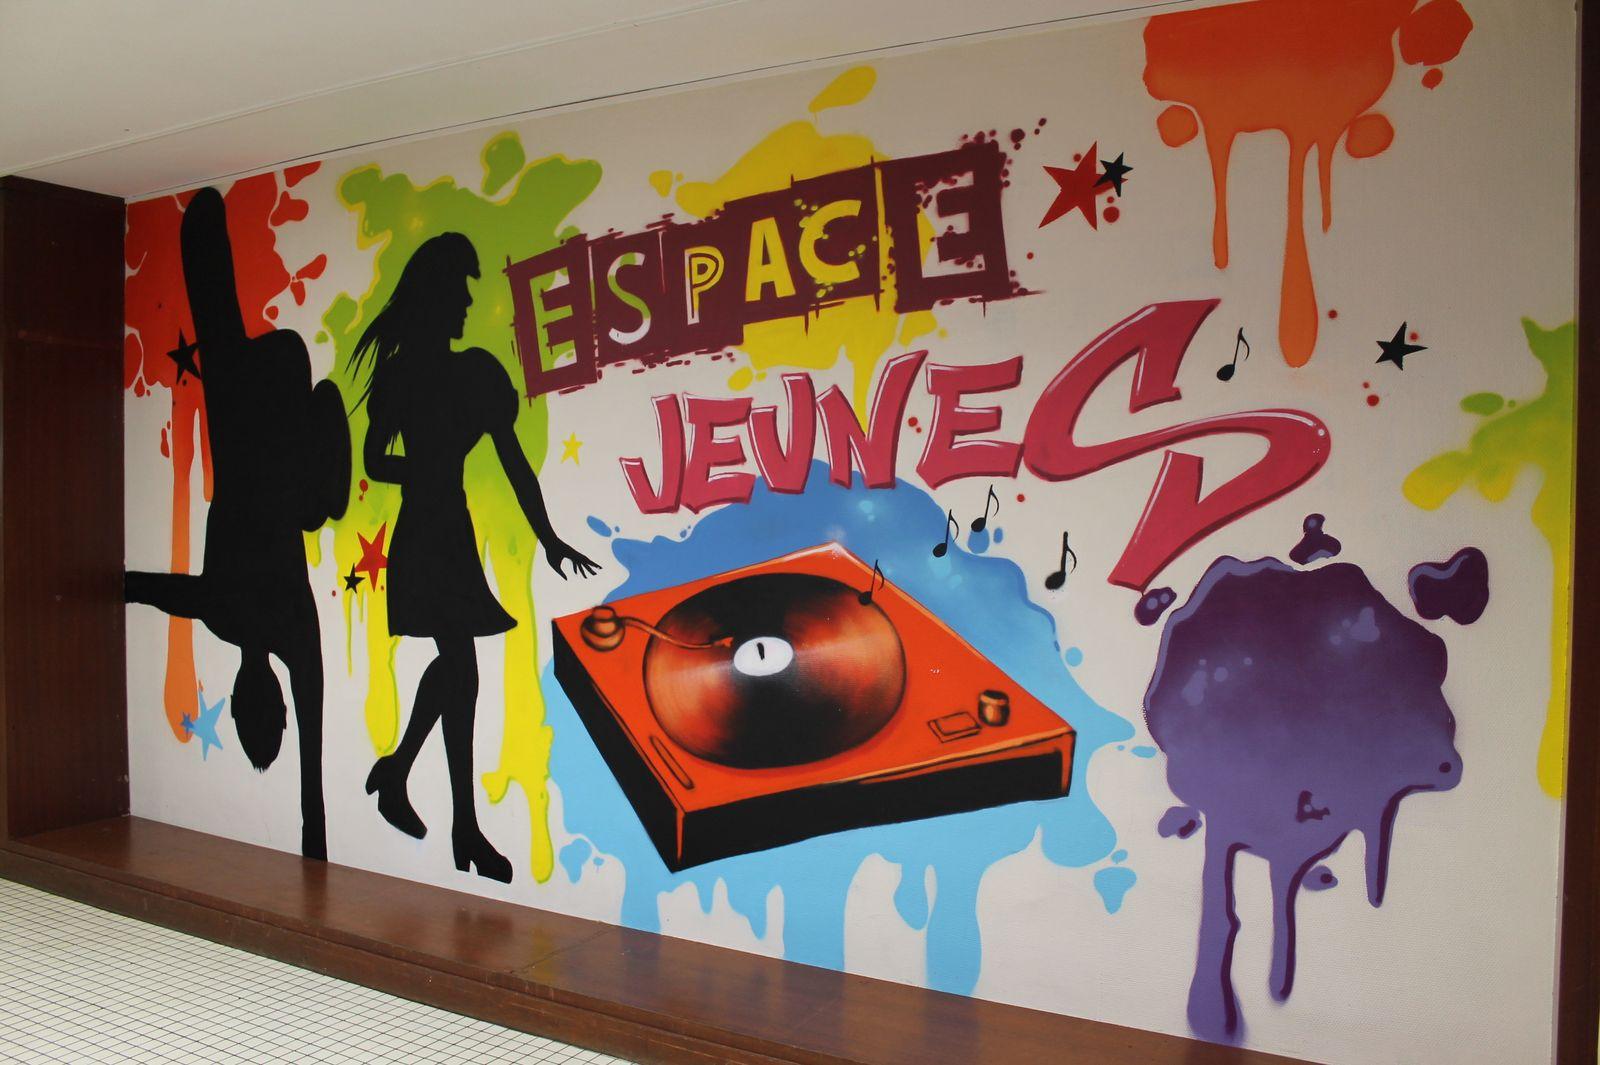 Maison de quartier une fresque l 39 espace jeune brest for Animateur maison de quartier